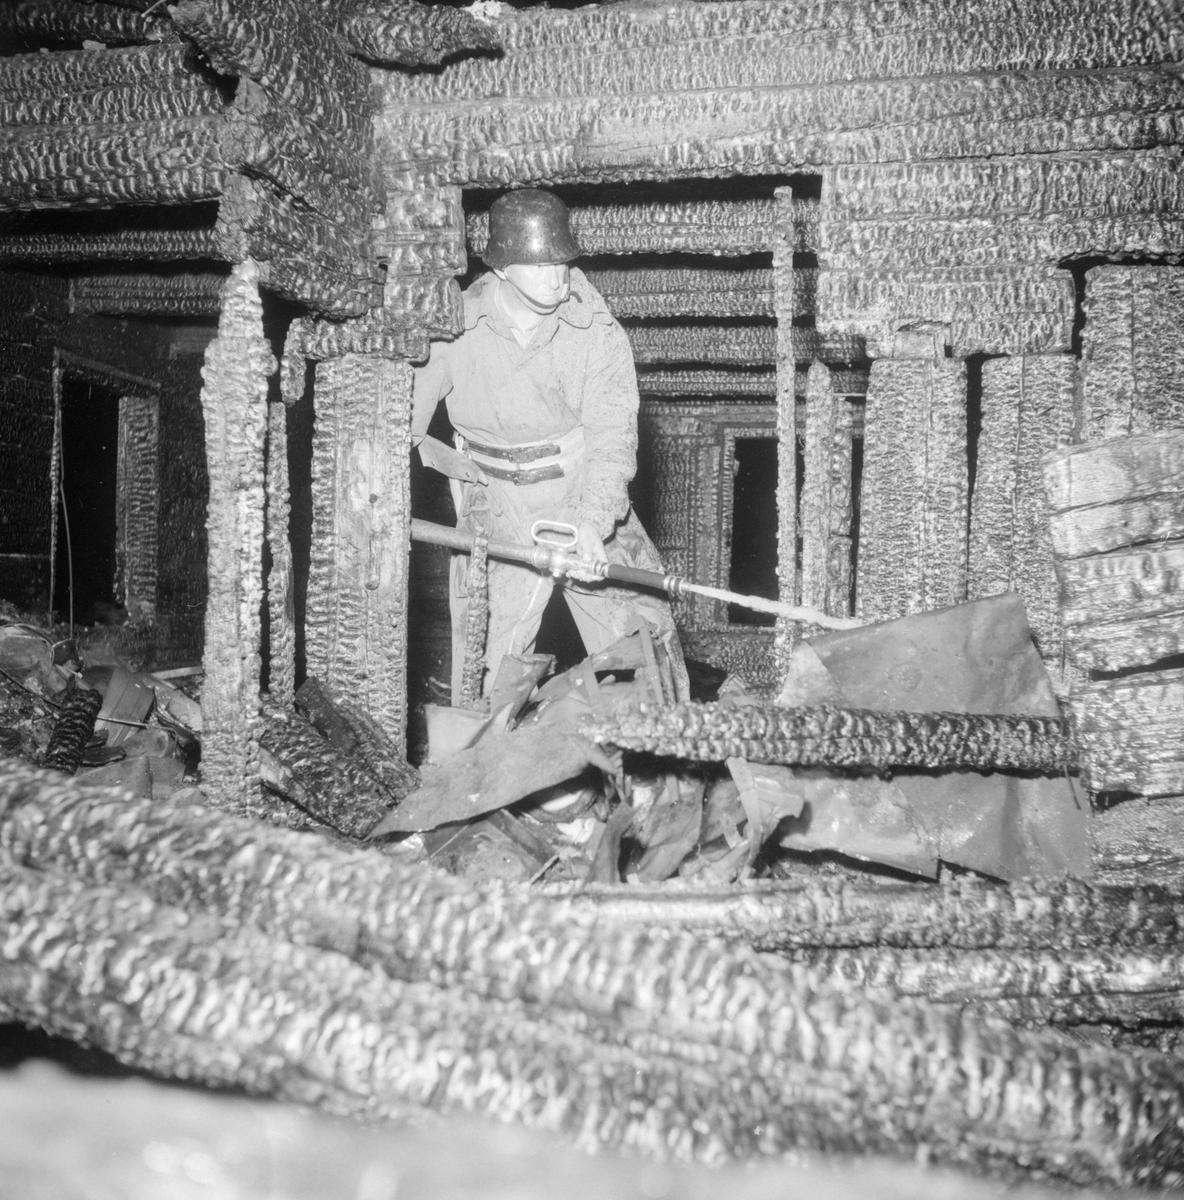 Den 12 juni 1953 utbröt det brand i Smedshem i Stjärnorp. Östgöta Correspondenten rapporterar att orsaken var oklar. Lägenhetsägare Gustaf Hedberg hade lagt sig för vila på övervåningen. Plötsligt hade hans dotterson Krister Nylén kommit uppför trappan och ropat att det brann. På nedvägen i trappan hade de möts av intensiva eldslågor och innan de hunnit ut i det fria hade båda erhållit brännskador. Efter larm var Stjärnorps brandkår snabbt på plats, men det enda av lösöret som kunde räddas var fyra svedda hundralappar.